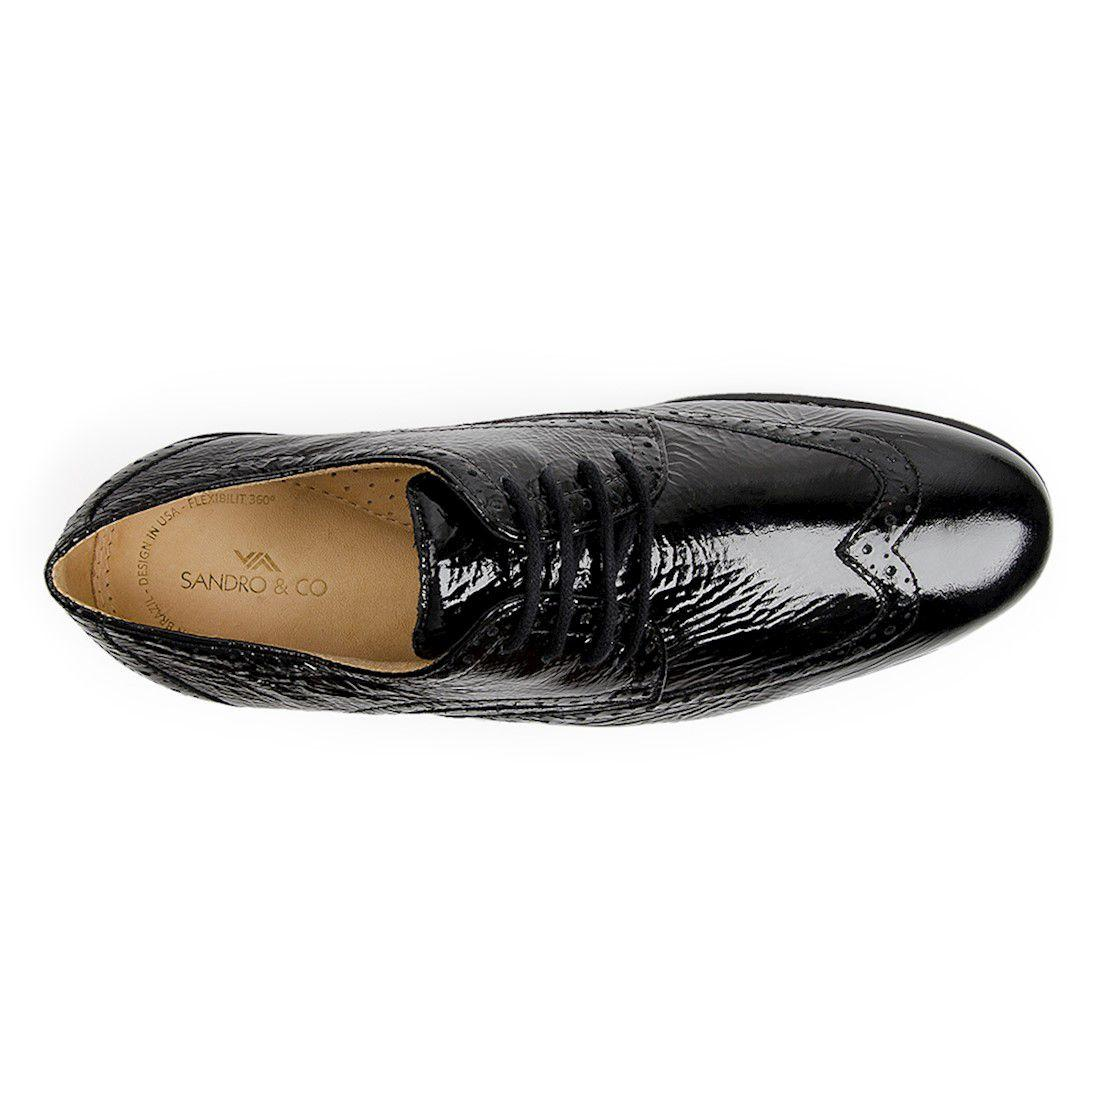 677e46824c Sapato esporte fino masculino oxford sandro moscoloni heward black R$  279,90 à vista. Adicionar à sacola